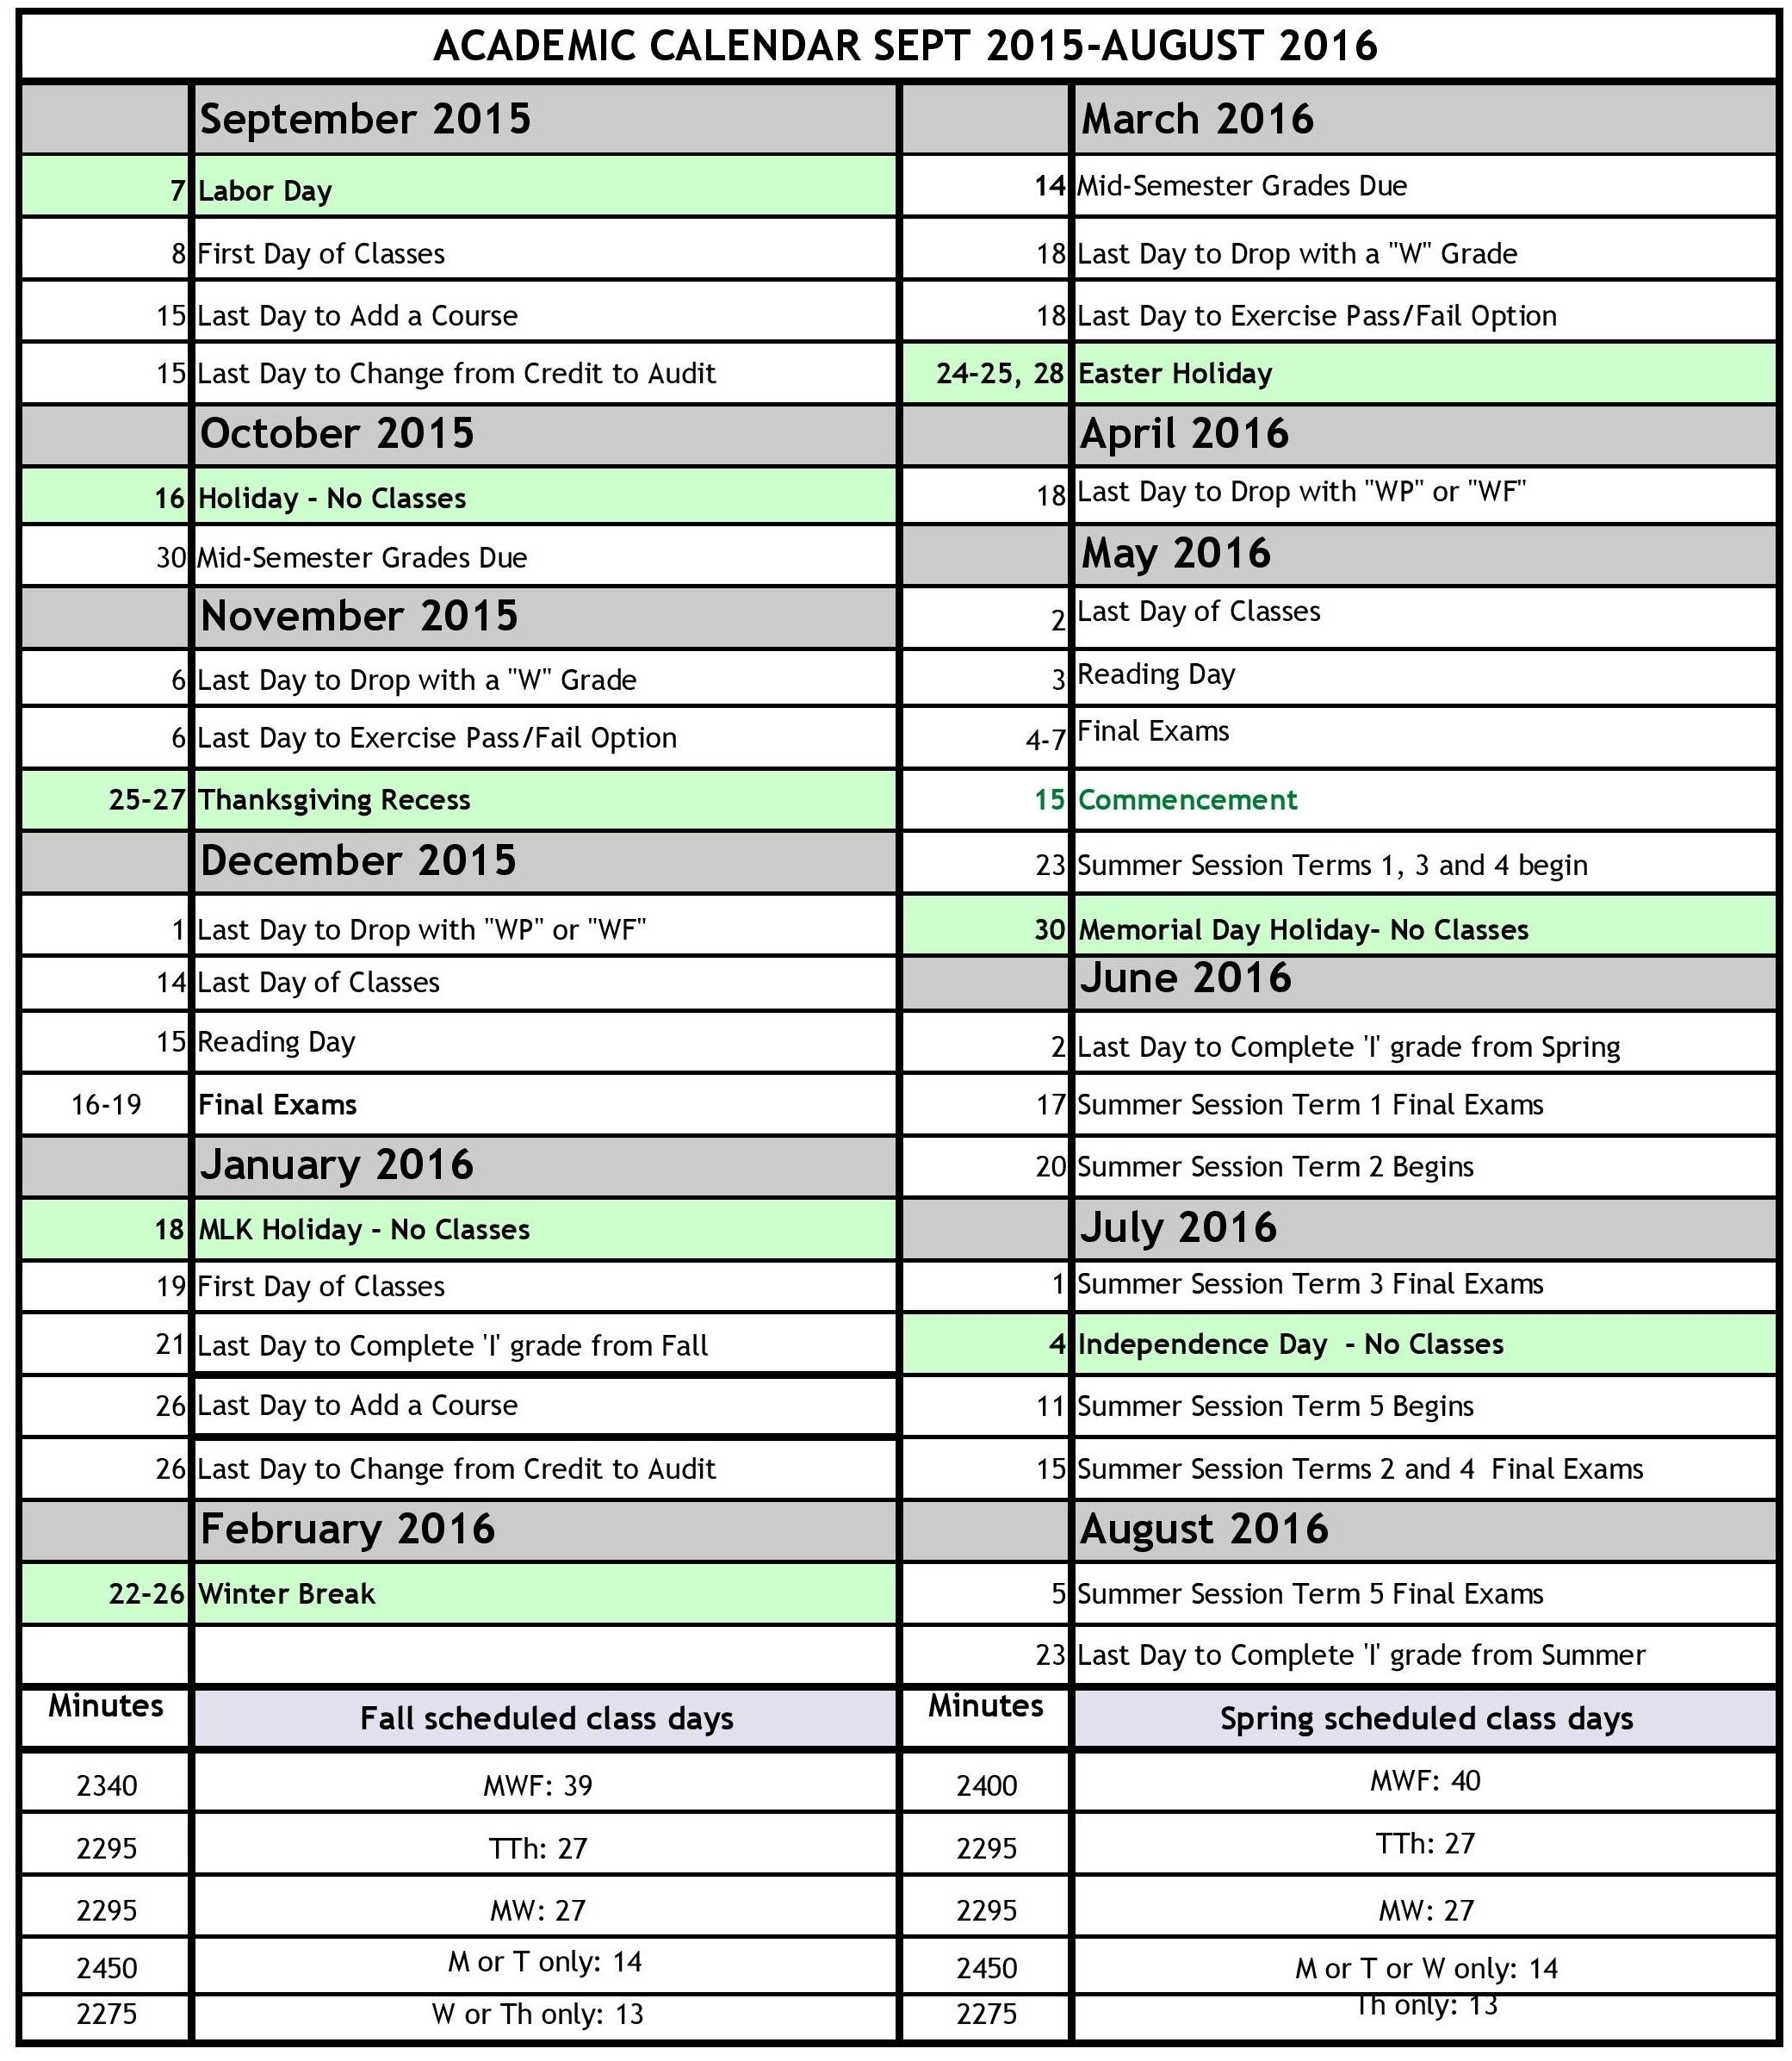 Board Of Education Holiday Calendar Nyc 2016 | Blank Calendar_School Year Calendar Nyc